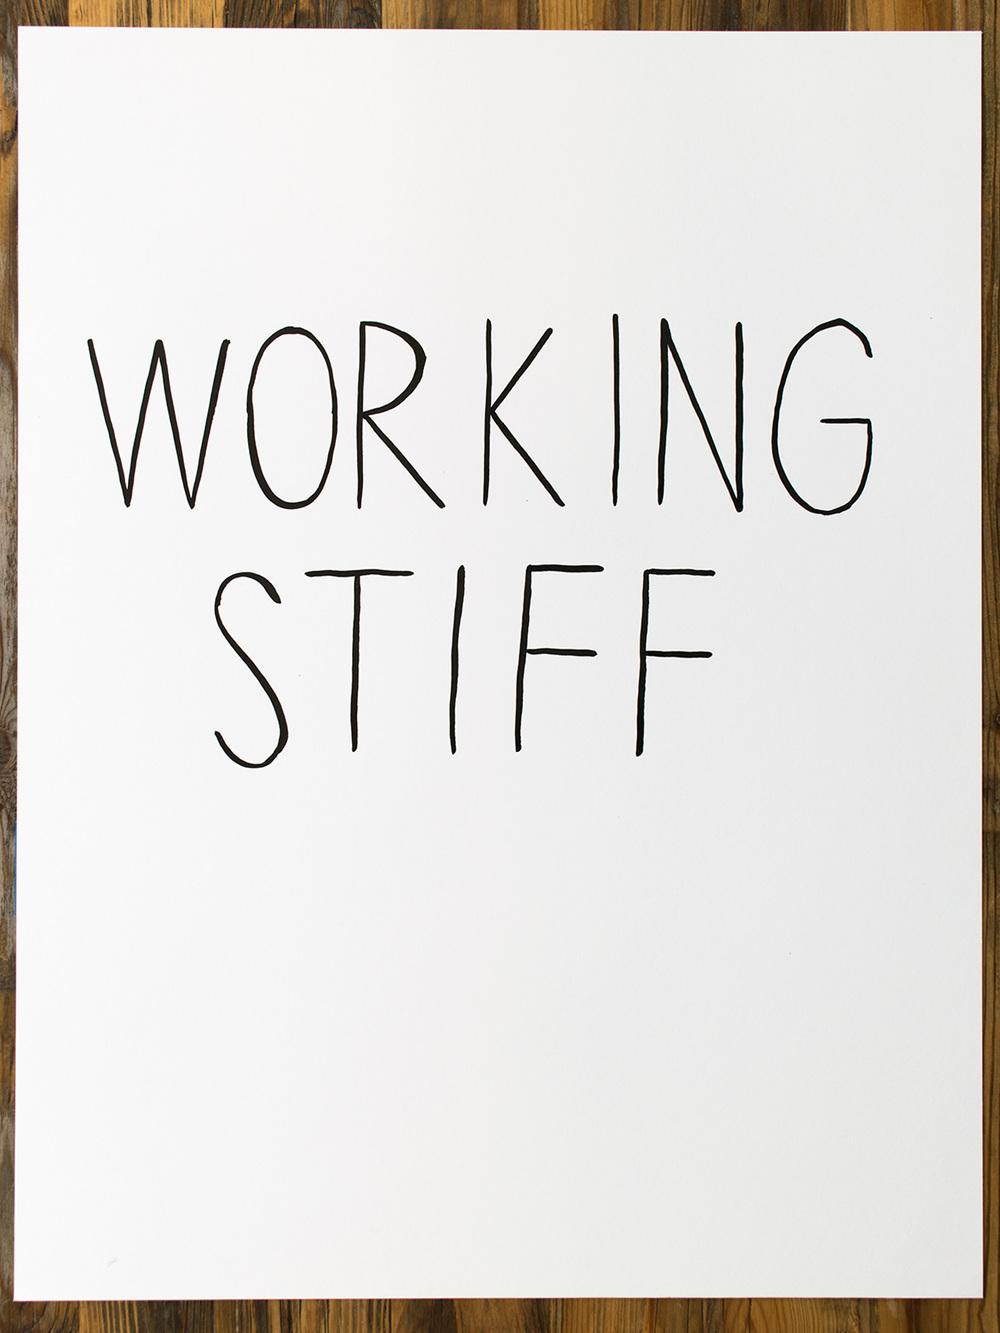 working_stiff-1500x1125.jpg